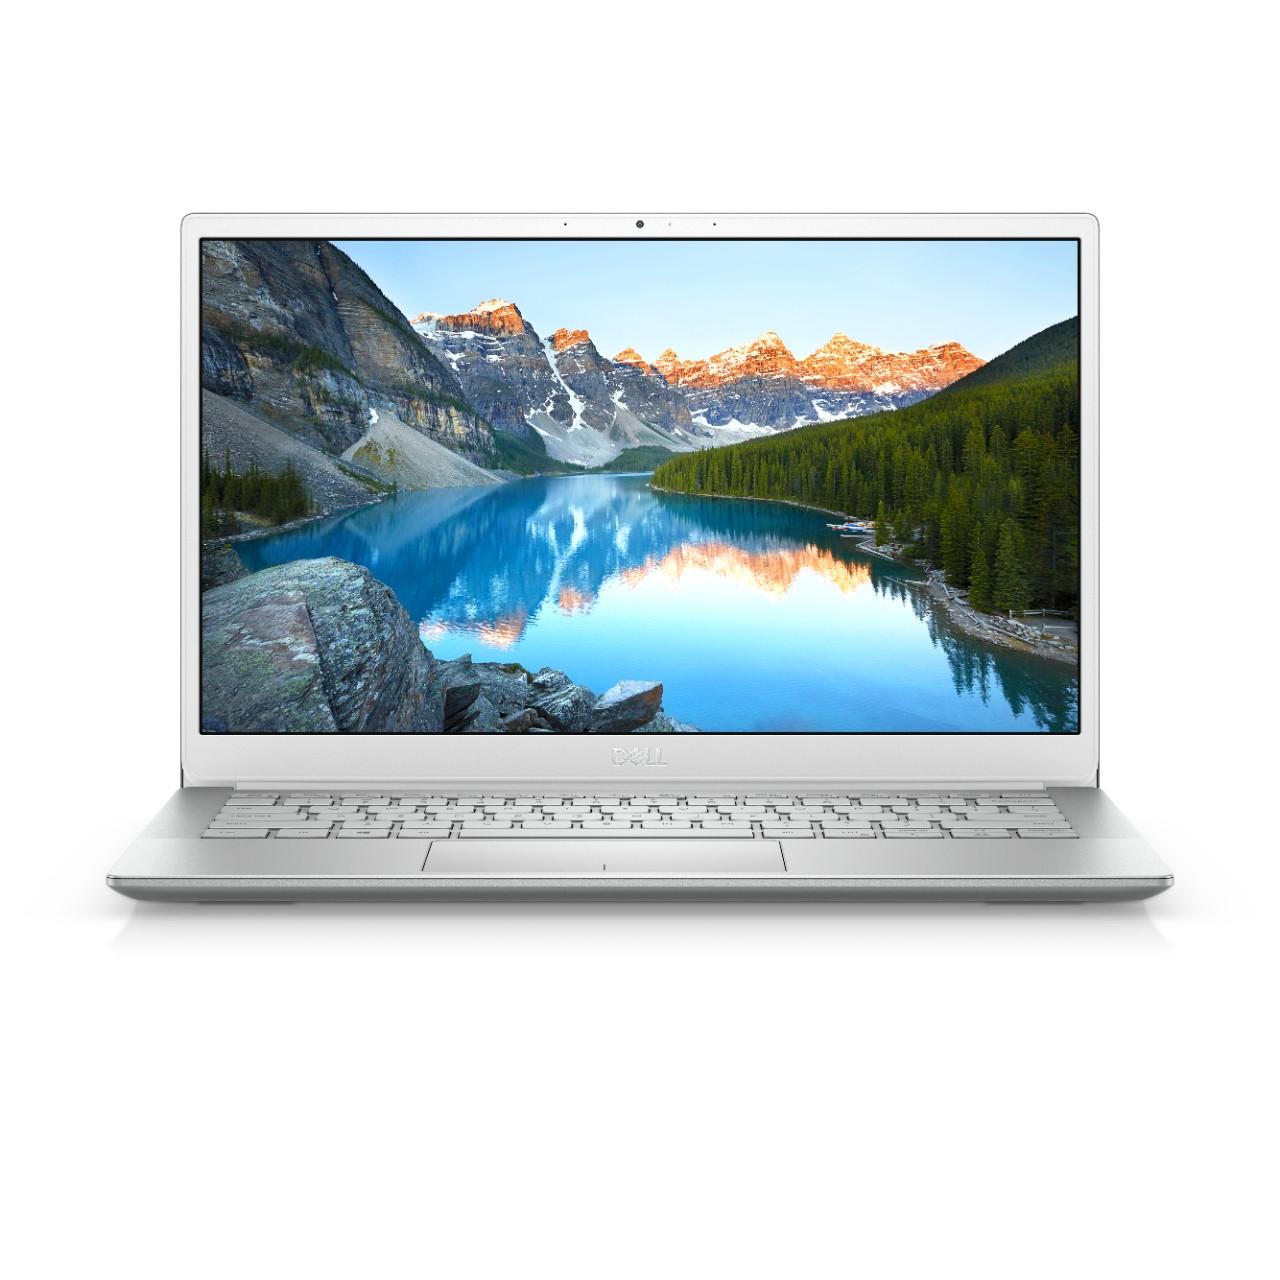 """Dell Vostro 5390 13,3"""" FHD i5-8265U/8GB/256GB/MX520/USB-C/MCR/FPR/HDMI/W10Pro/3RNBD/Šedý"""